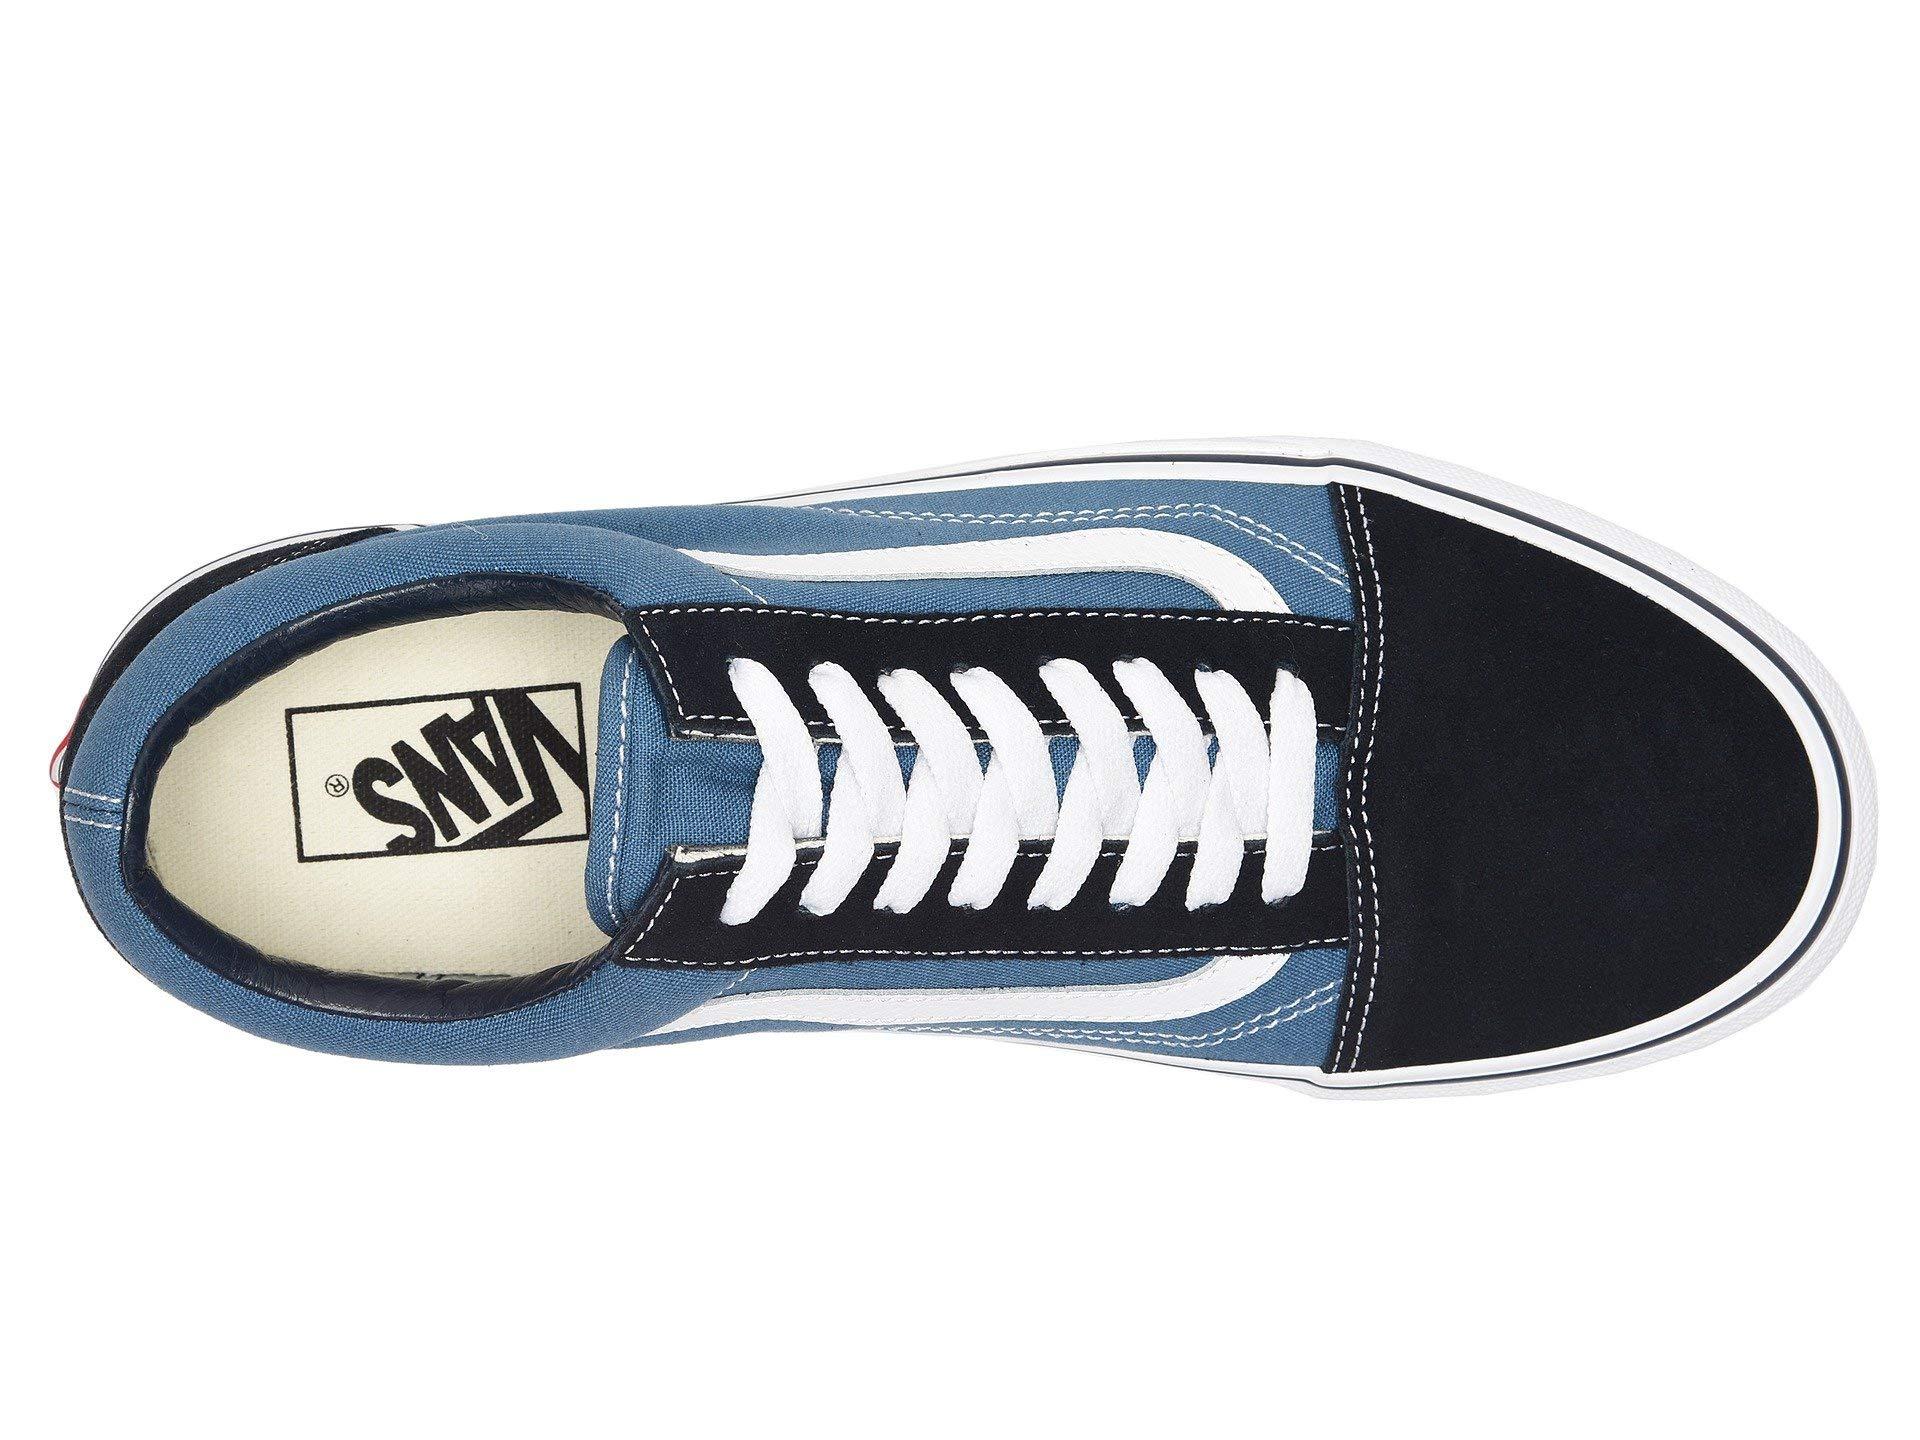 Vans Off The Wall Old Skool Sneakers (Navy) Men's Skateboarding Shoes by Vans (Image #2)